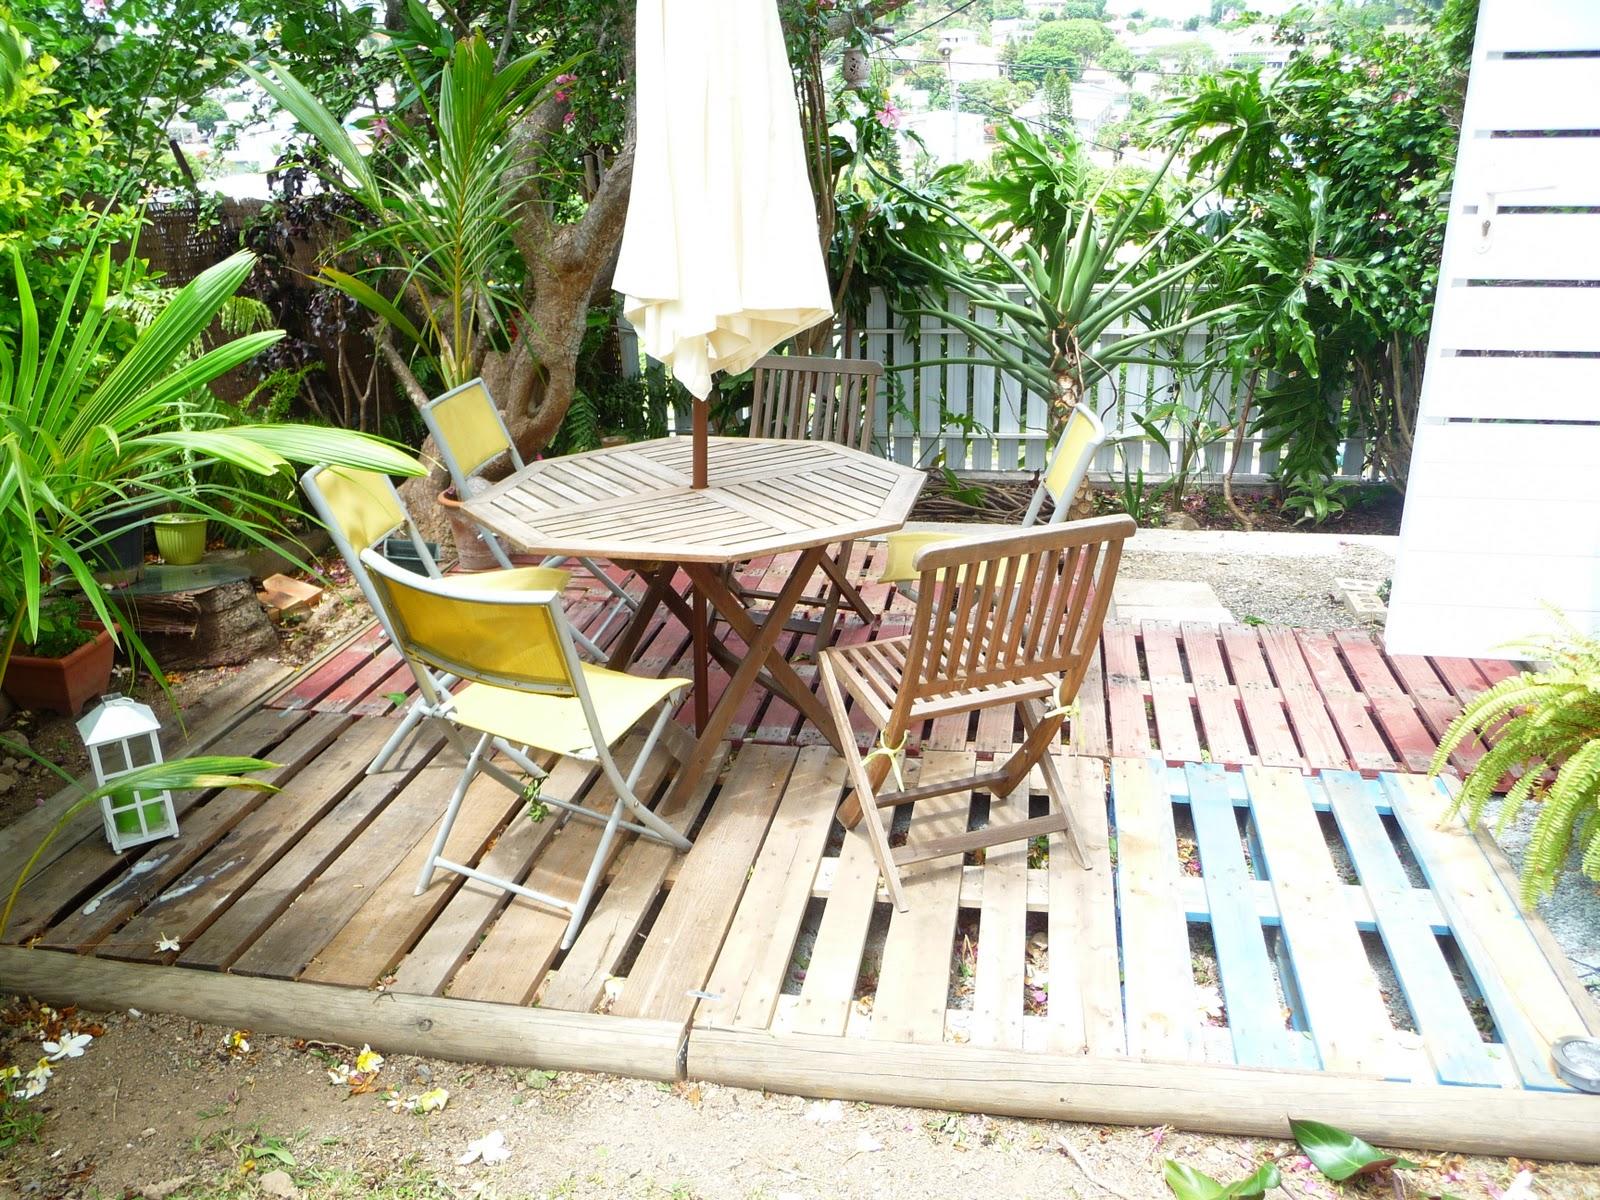 Plan Tutoriel Construire Son Salon De Jardin En Bois De Palettes ...